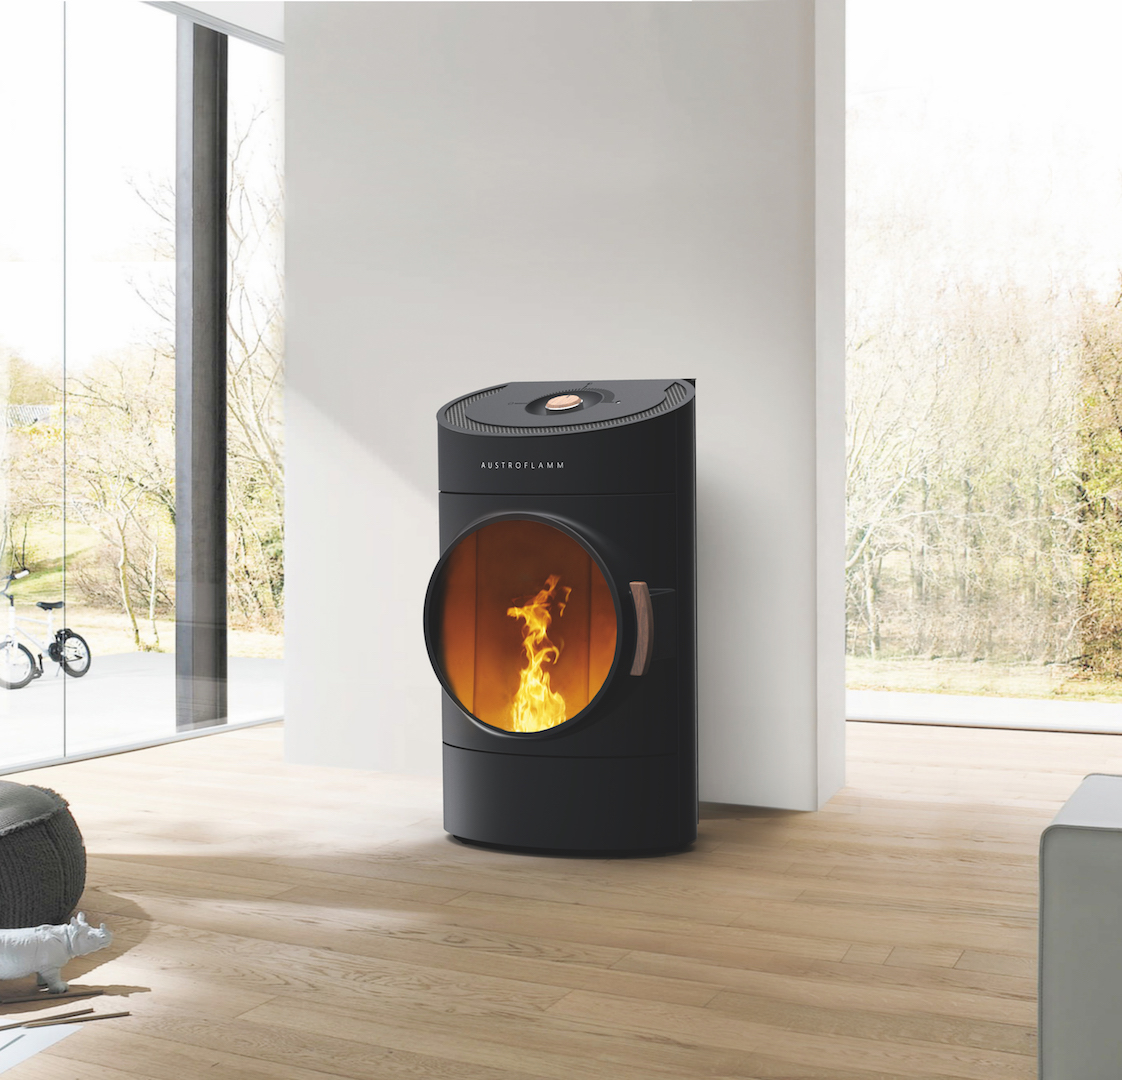 Energiezuinig verwarmen met een pelletkachel - Austroflamm Clou via Fero